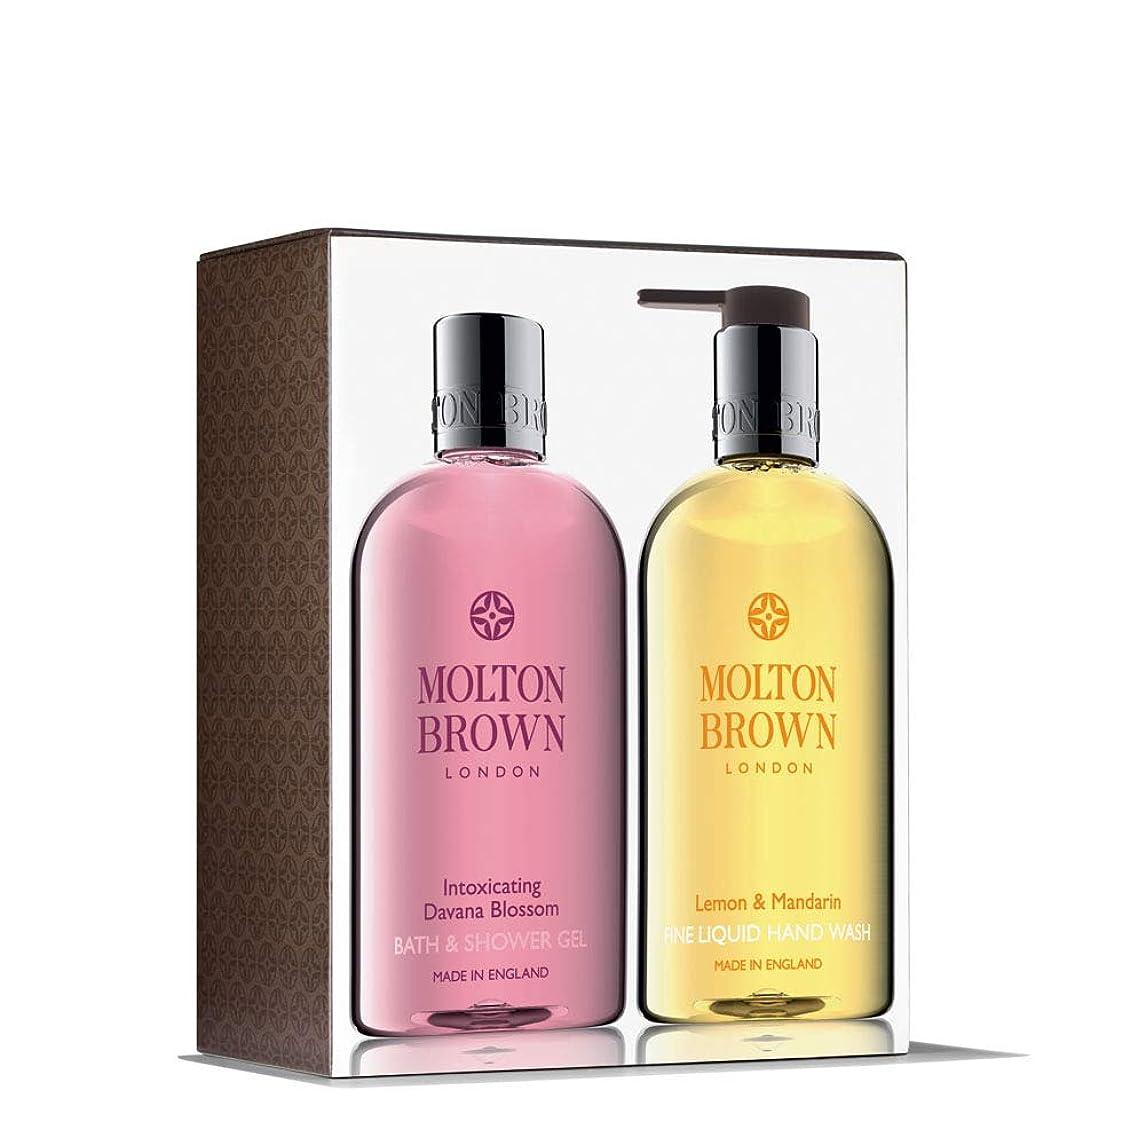 直径気取らない性差別MOLTON BROWN(モルトンブラウン) ダバナブロッサム アンド レモン&マンダリン ハンド&ボディセット